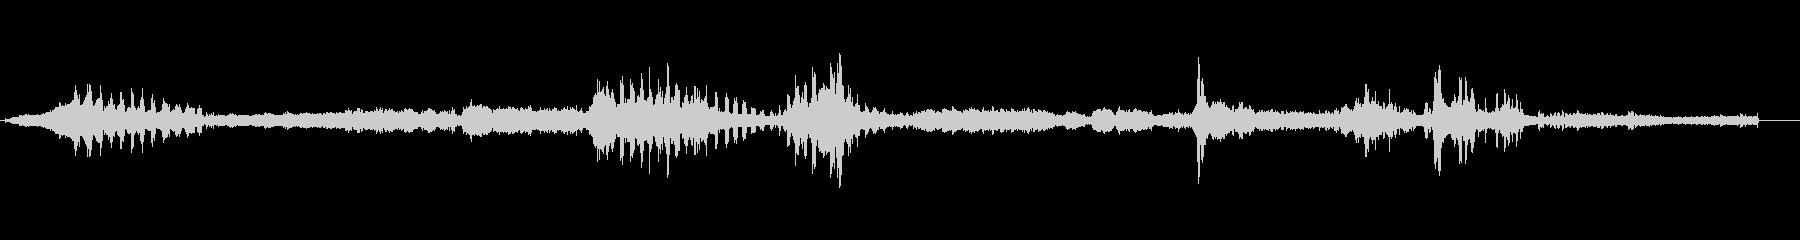 高音質バイノーラル録音バリカンで毛を剃るの未再生の波形